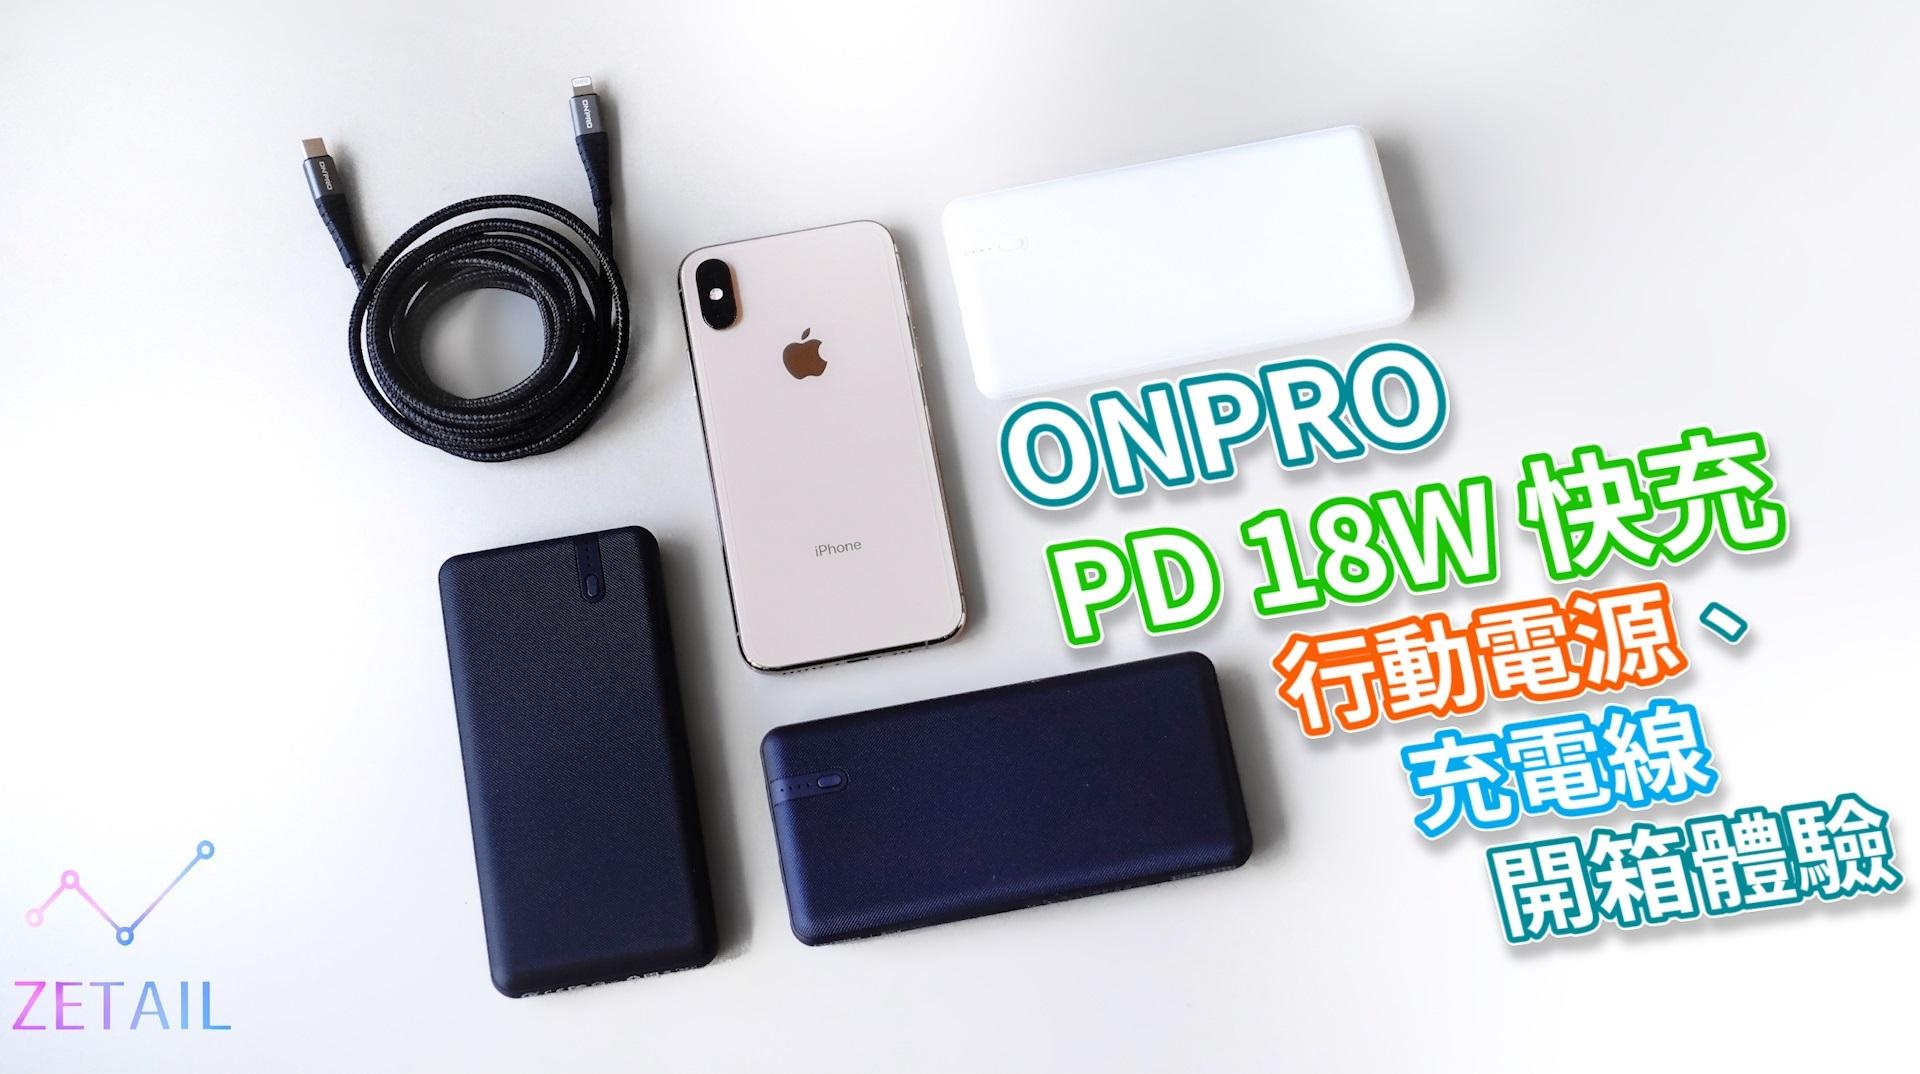 迎接快充時代!ONPRO 三輸出 18W PD、QC3.0 雙快充 10000mAh 行動電源、USB-C to Lightning 充電傳輸線 開箱體驗!